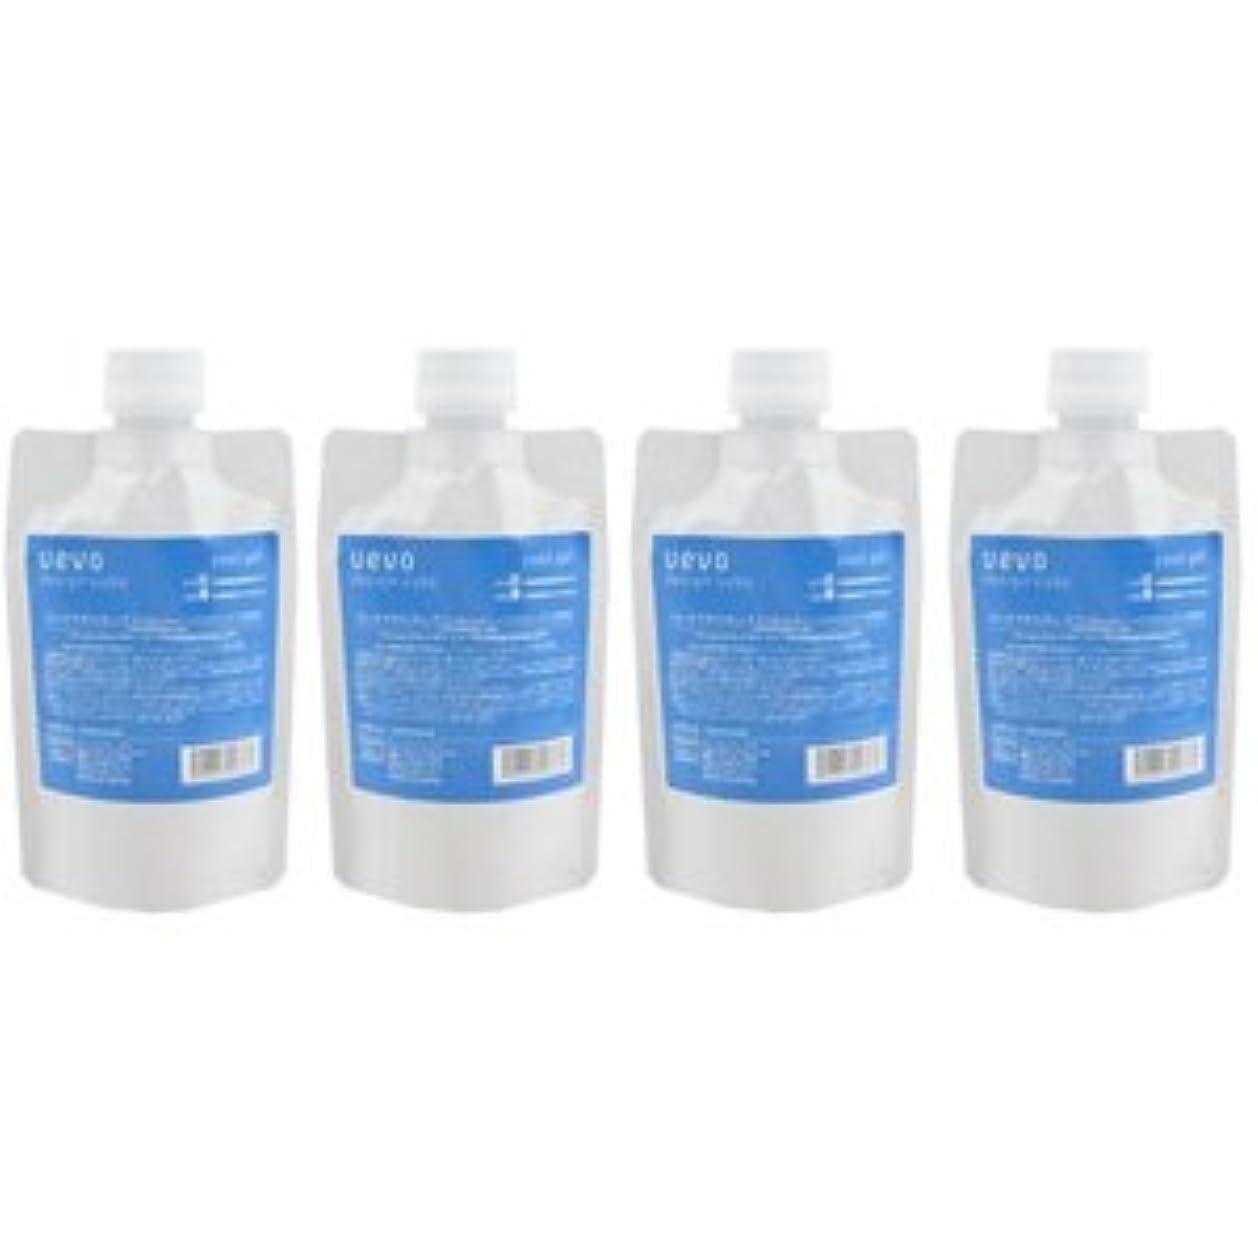 に対応する硫黄オーバードロー【X4個セット】 デミ ウェーボ デザインキューブ クールジェル 200g 業務用 cool gel